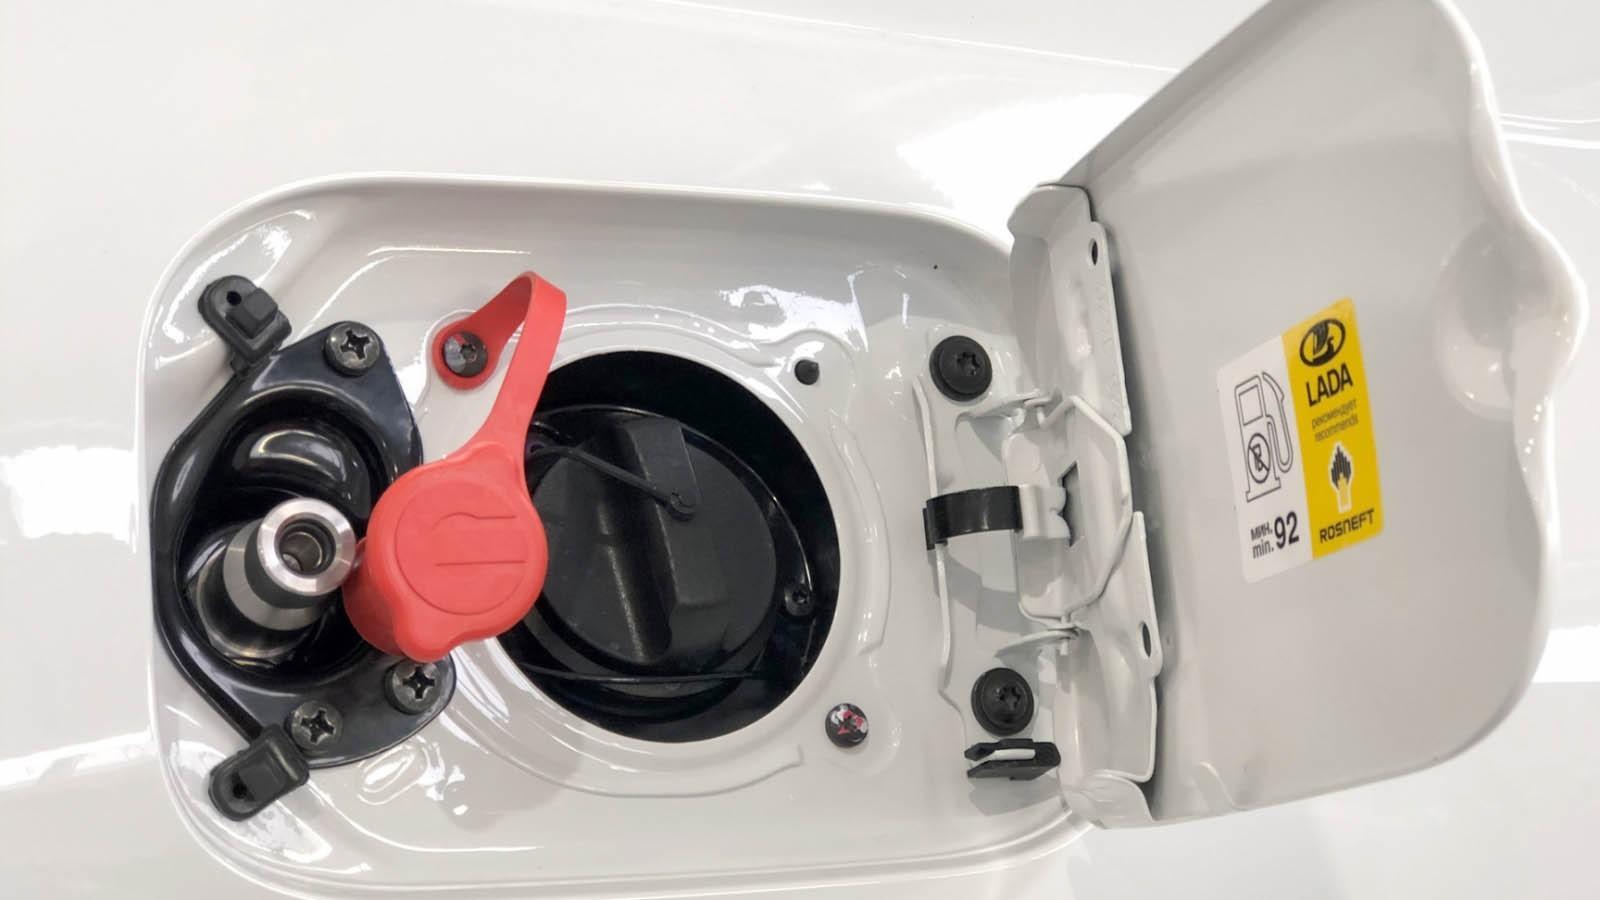 Обратно на бензин: почему перевод машины на газ превращается из выгоды в абсурд